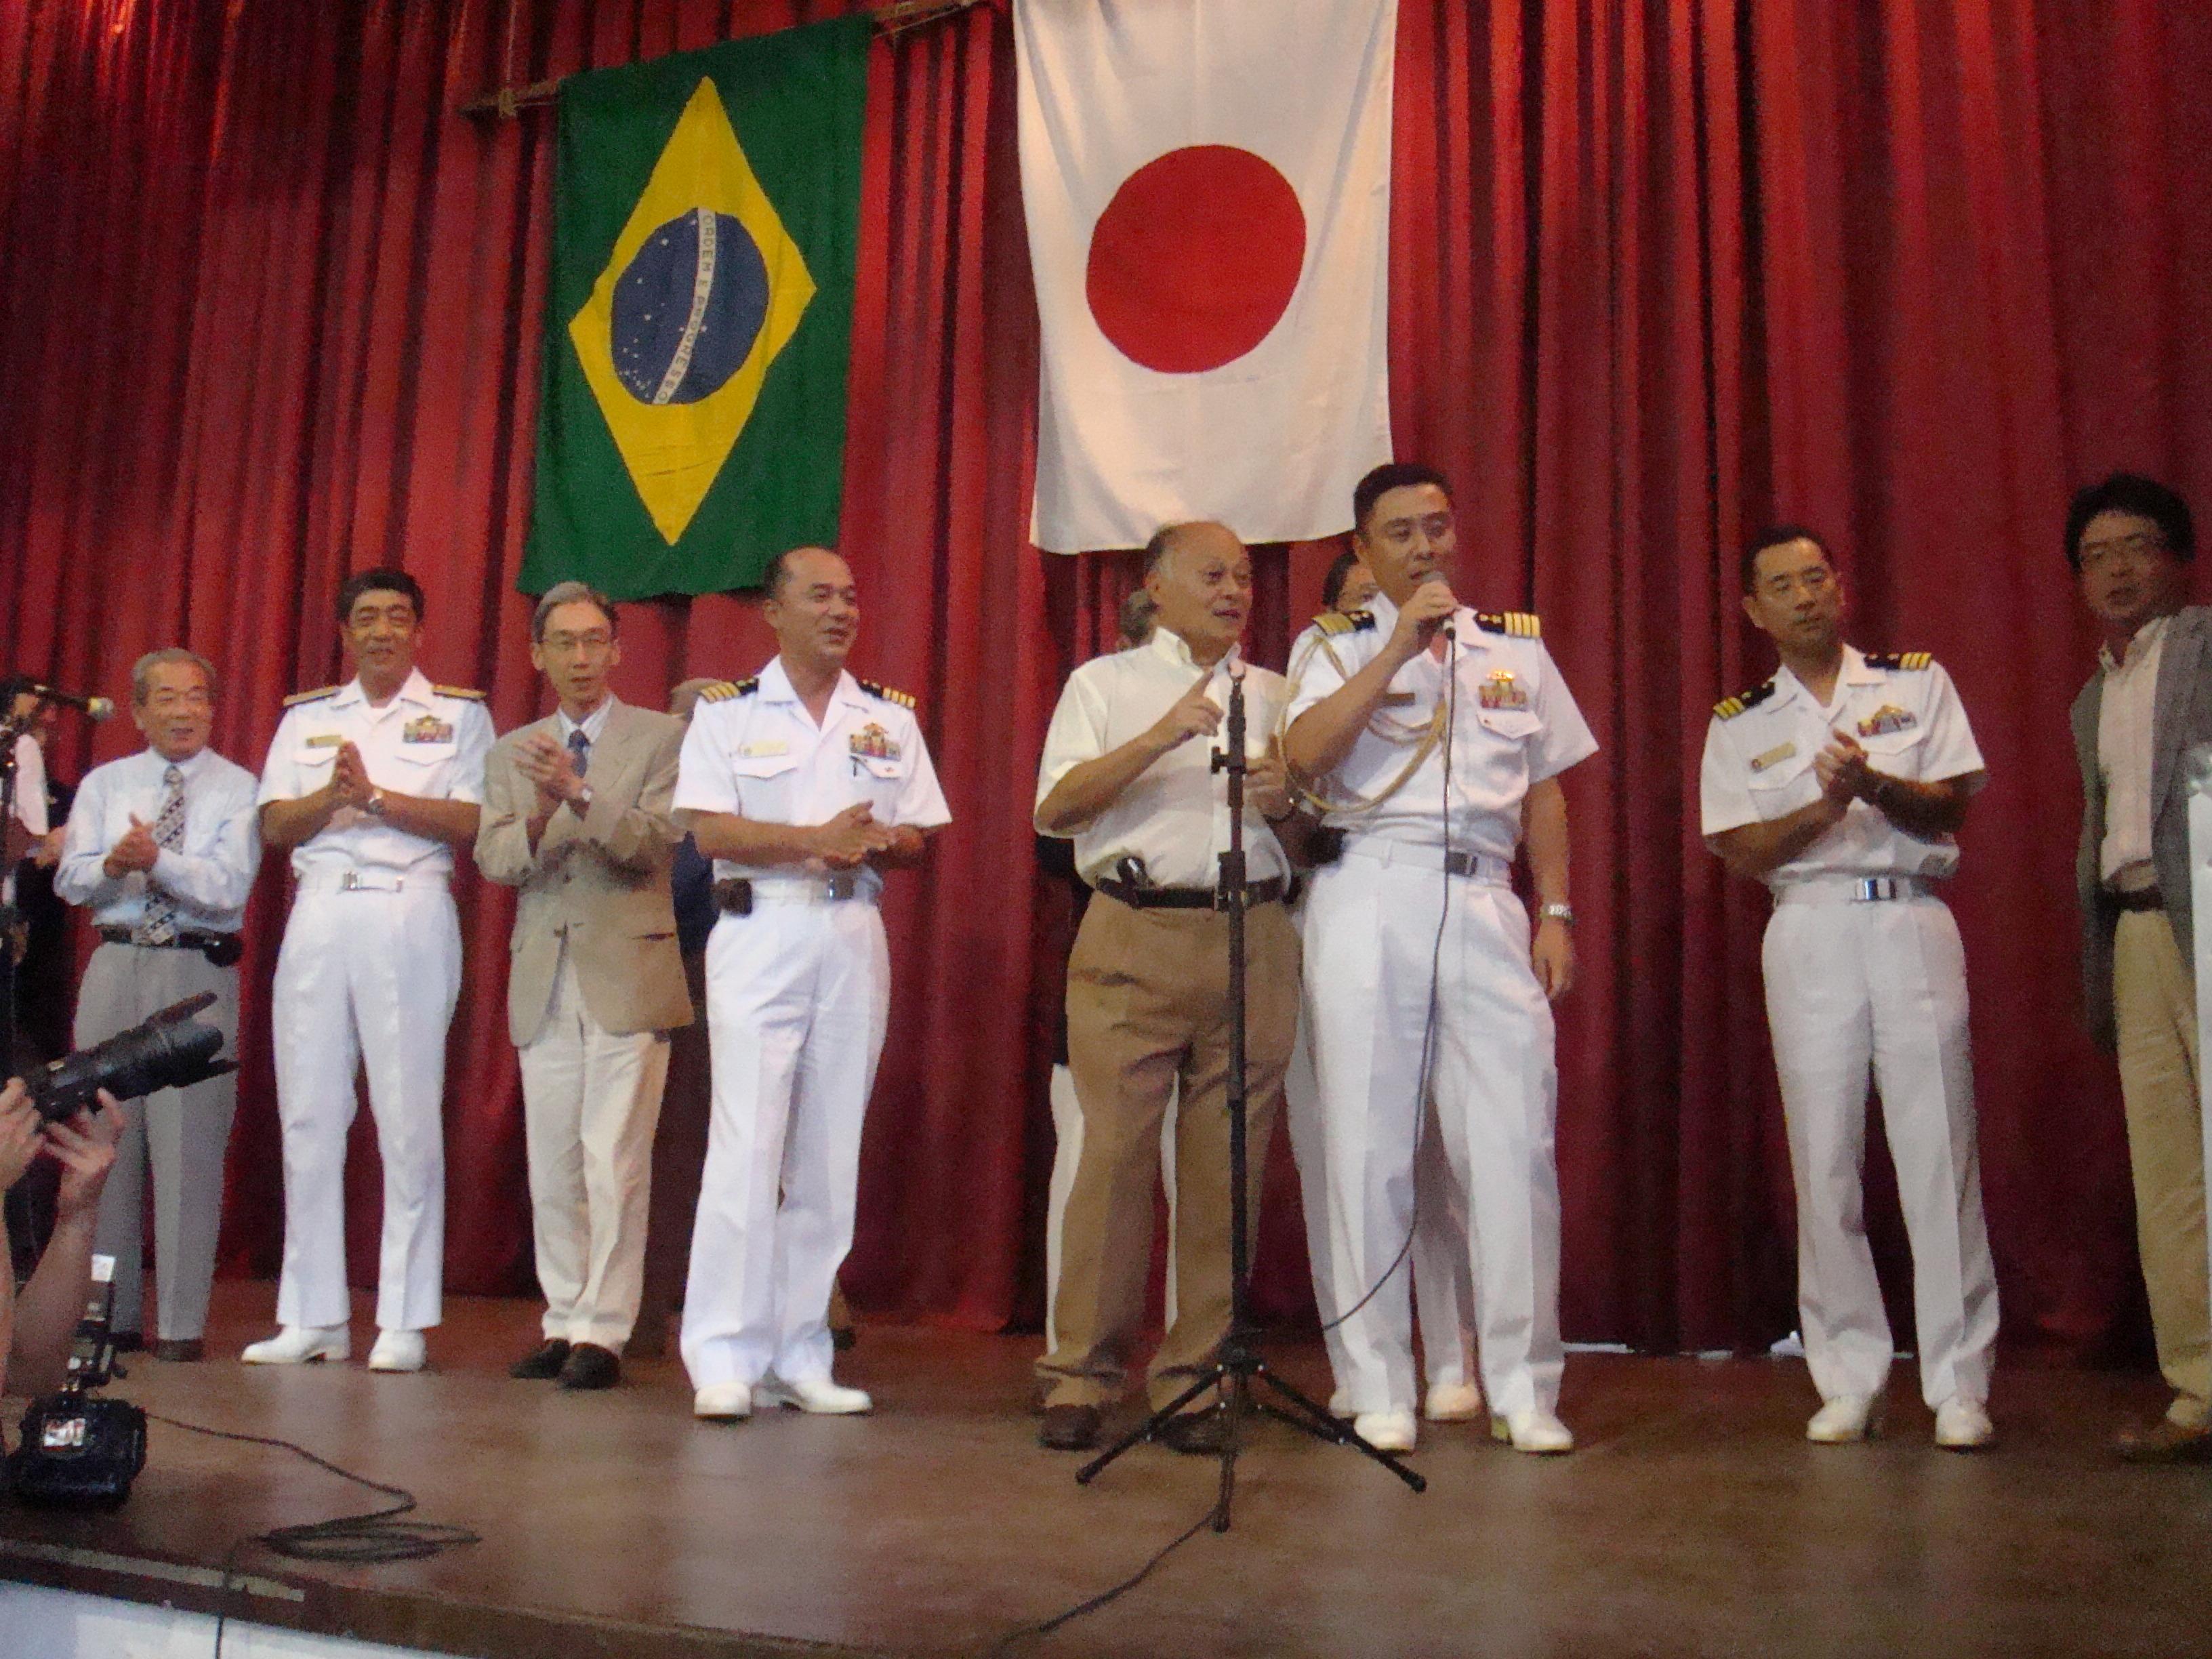 JIETAI - ESQUADRA DE TREINAMENTO DAS FORÇAS DE AUTODEFESA MARÍTIMA DO JAPÃO